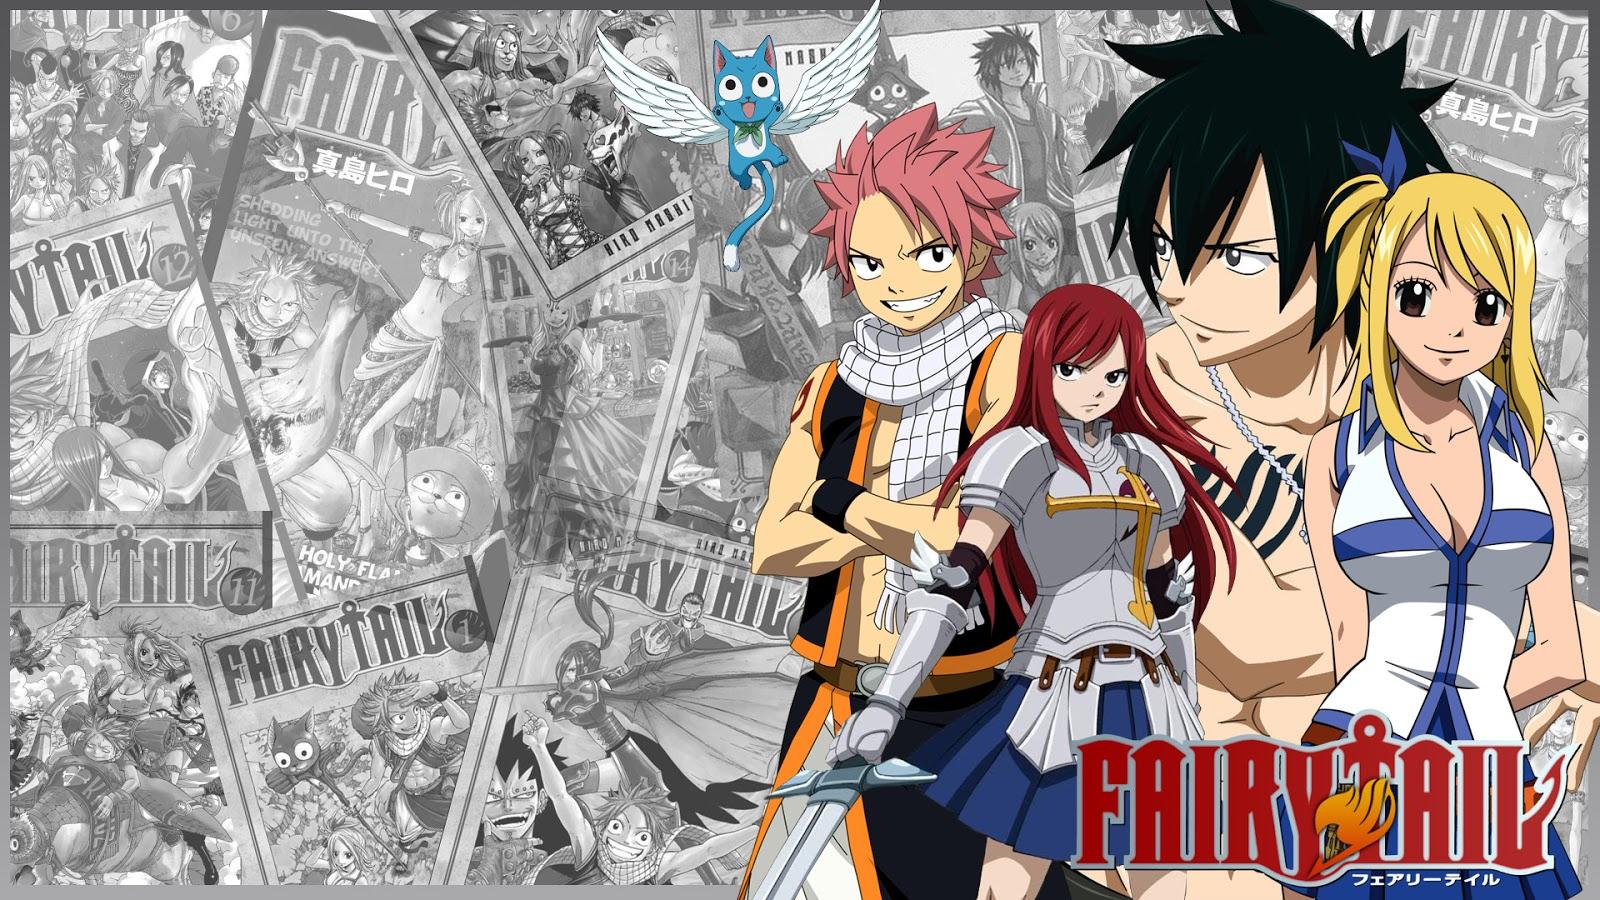 http://4.bp.blogspot.com/-NNGrYdU7amY/UNopRnb2ieI/AAAAAAAAZU4/IYlM2PHyqJ4/s1600/fairy-tail-wallpaper-1.jpg